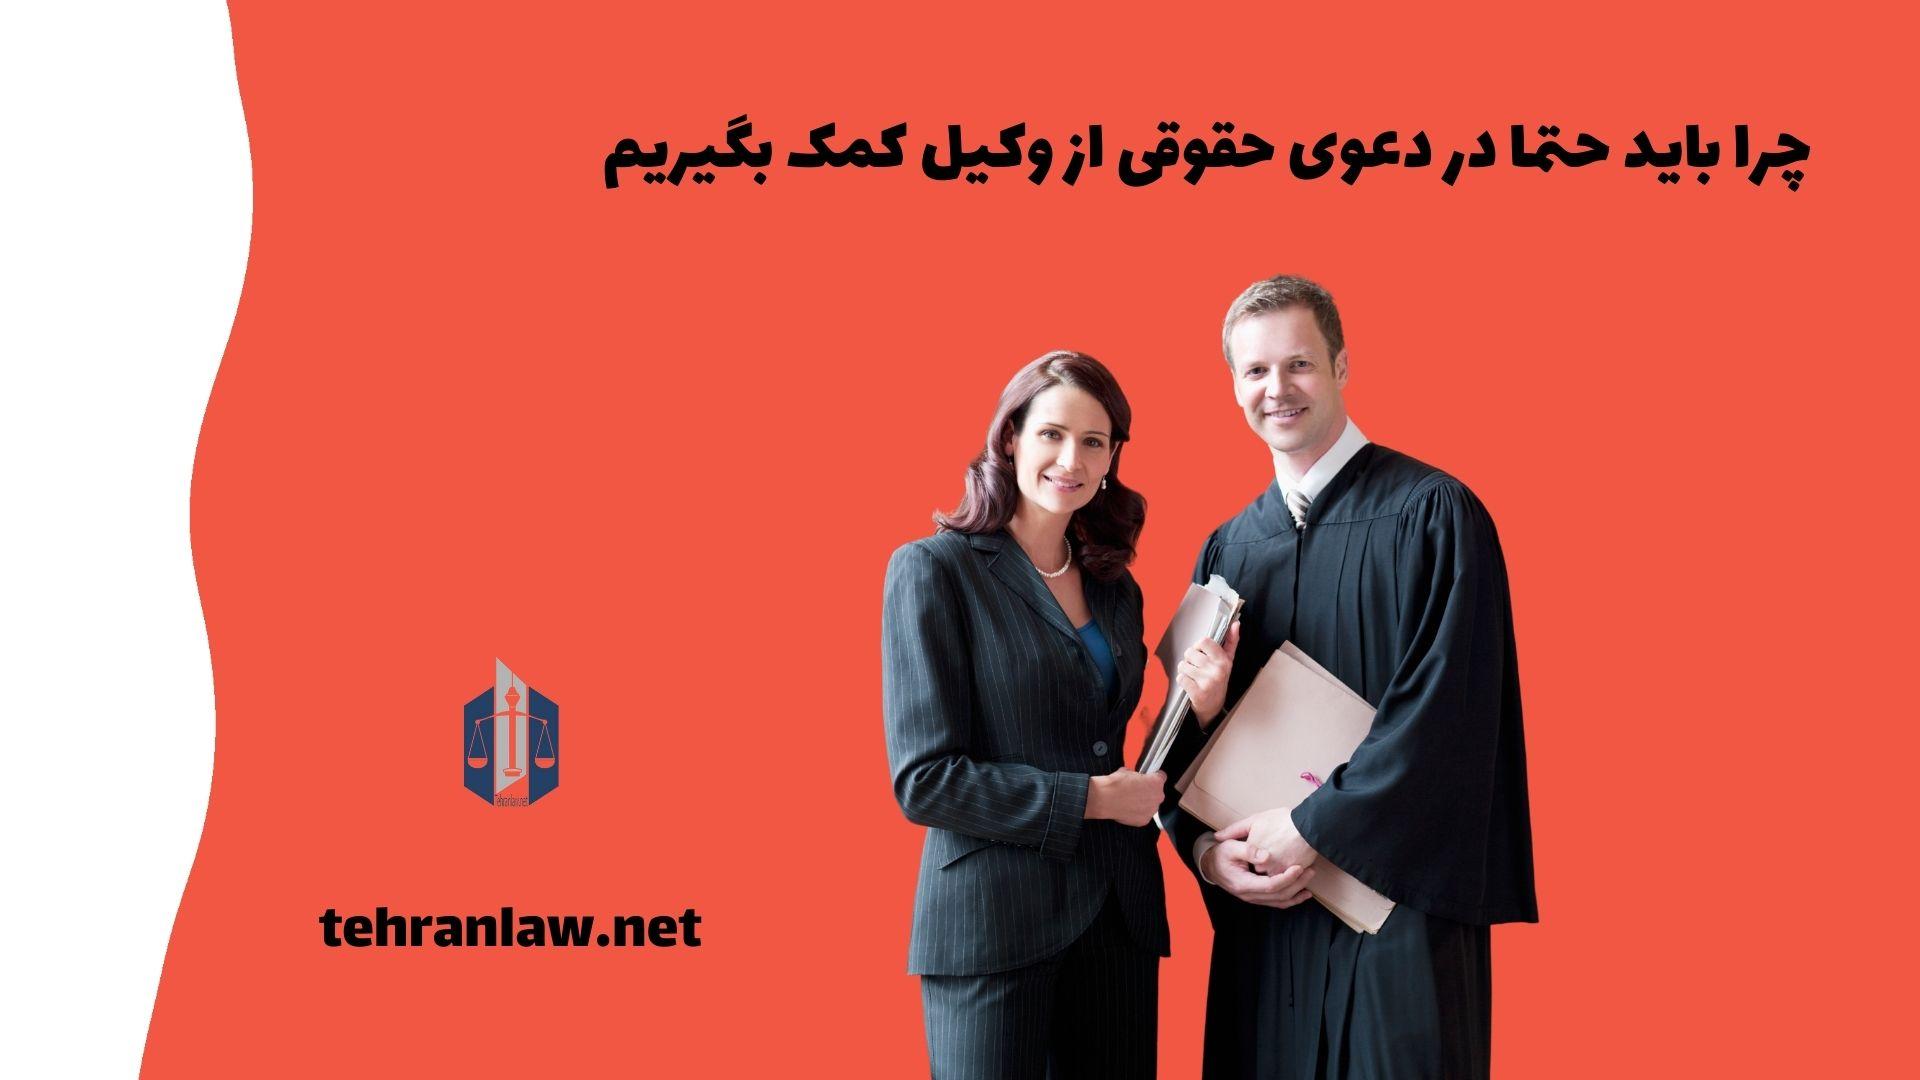 چرا باید حتما در دعوی حقوقی از وکیل کمک بگیریم؟